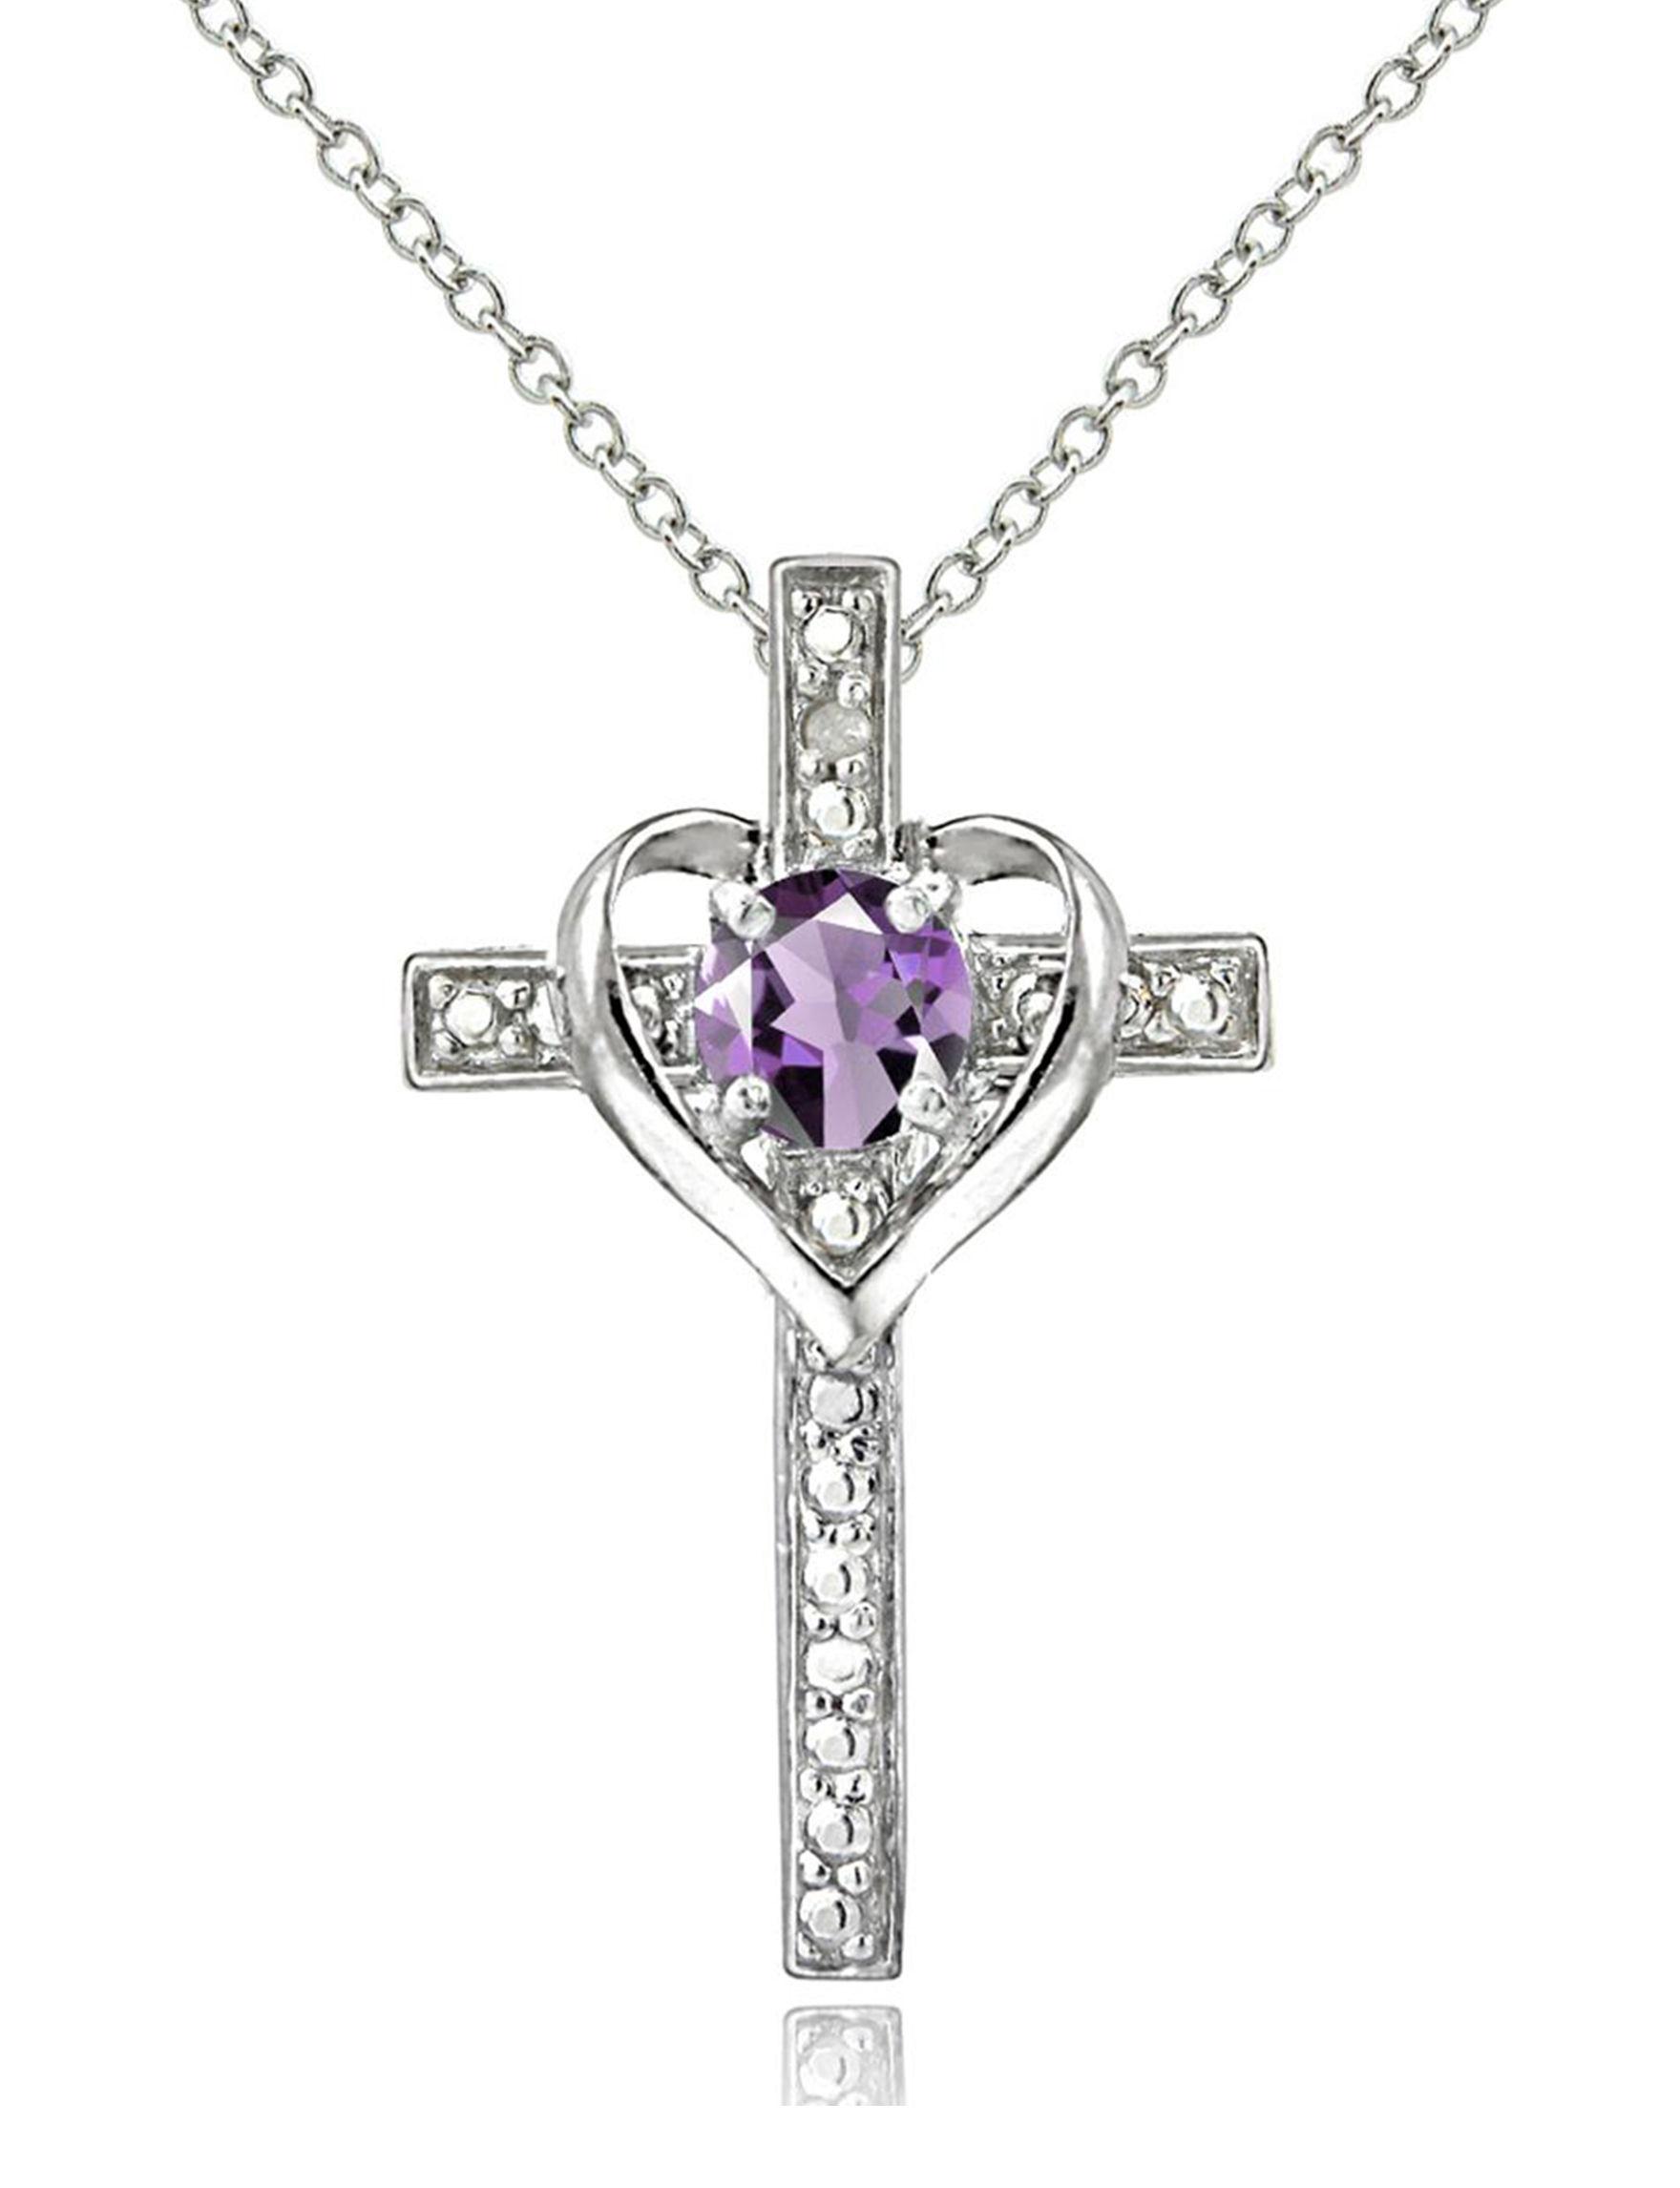 FMC Purple Necklaces & Pendants Fine Jewelry